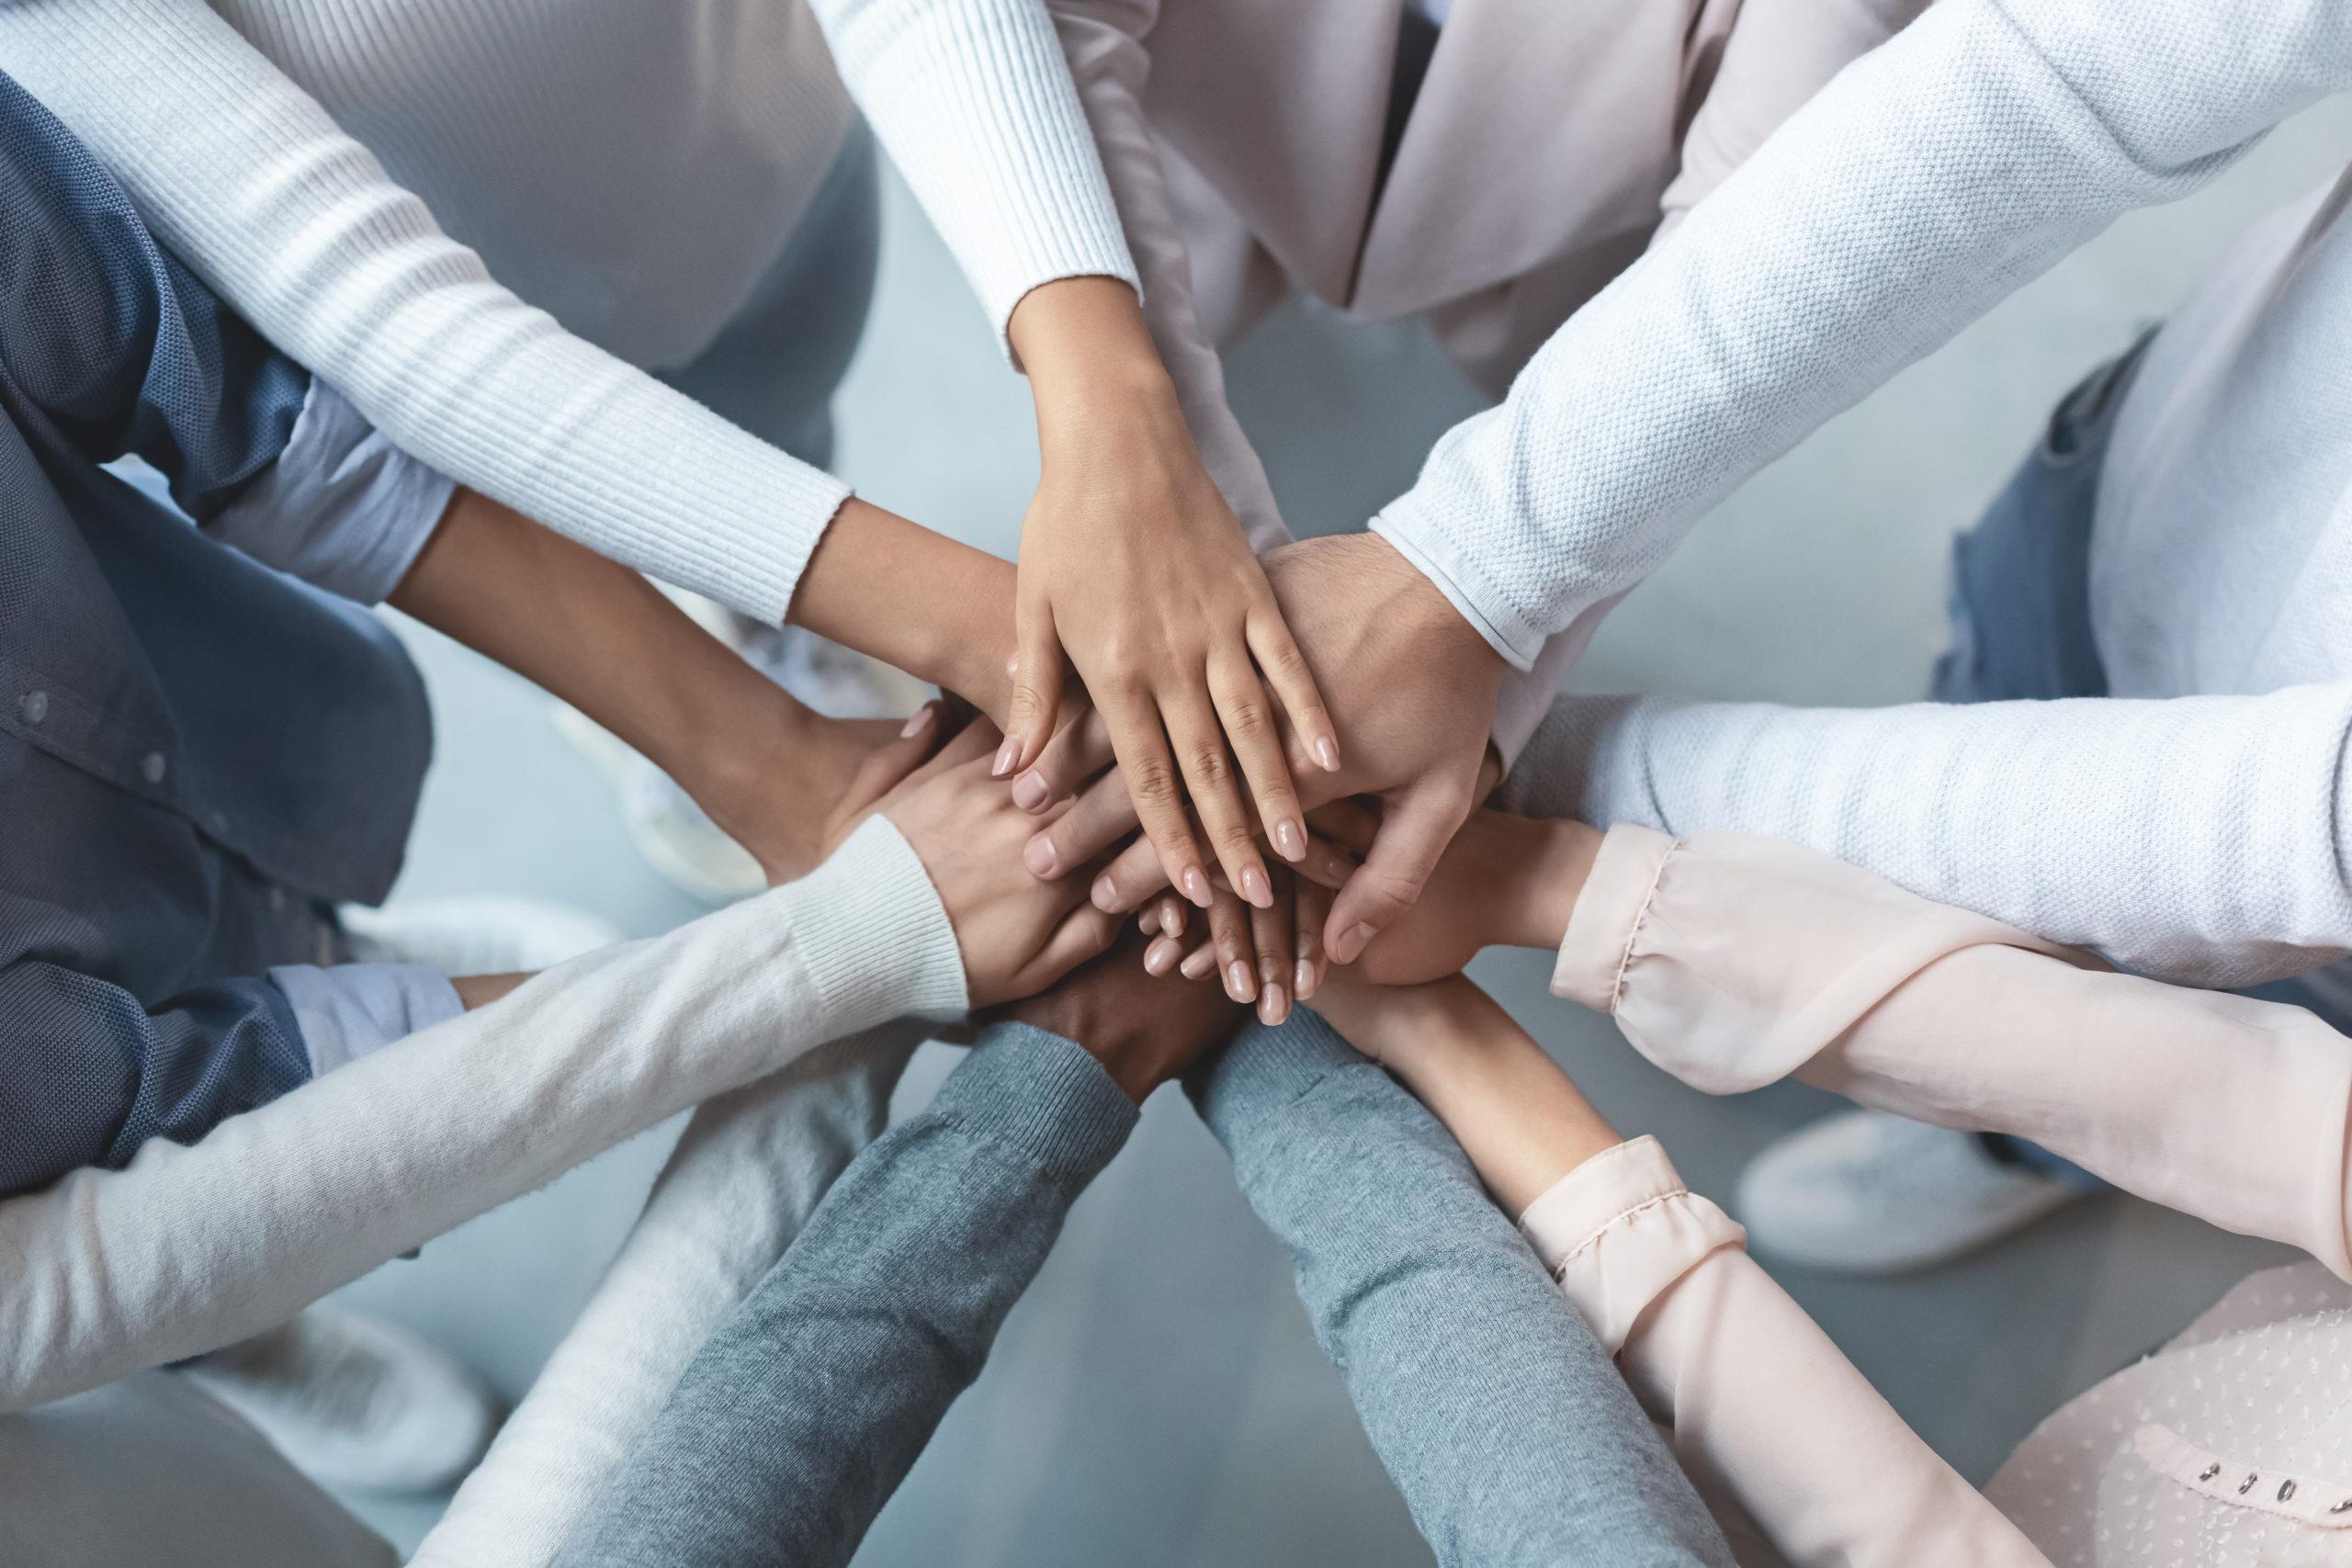 Foto von vielen Armen mit übereinander gelegten Händen